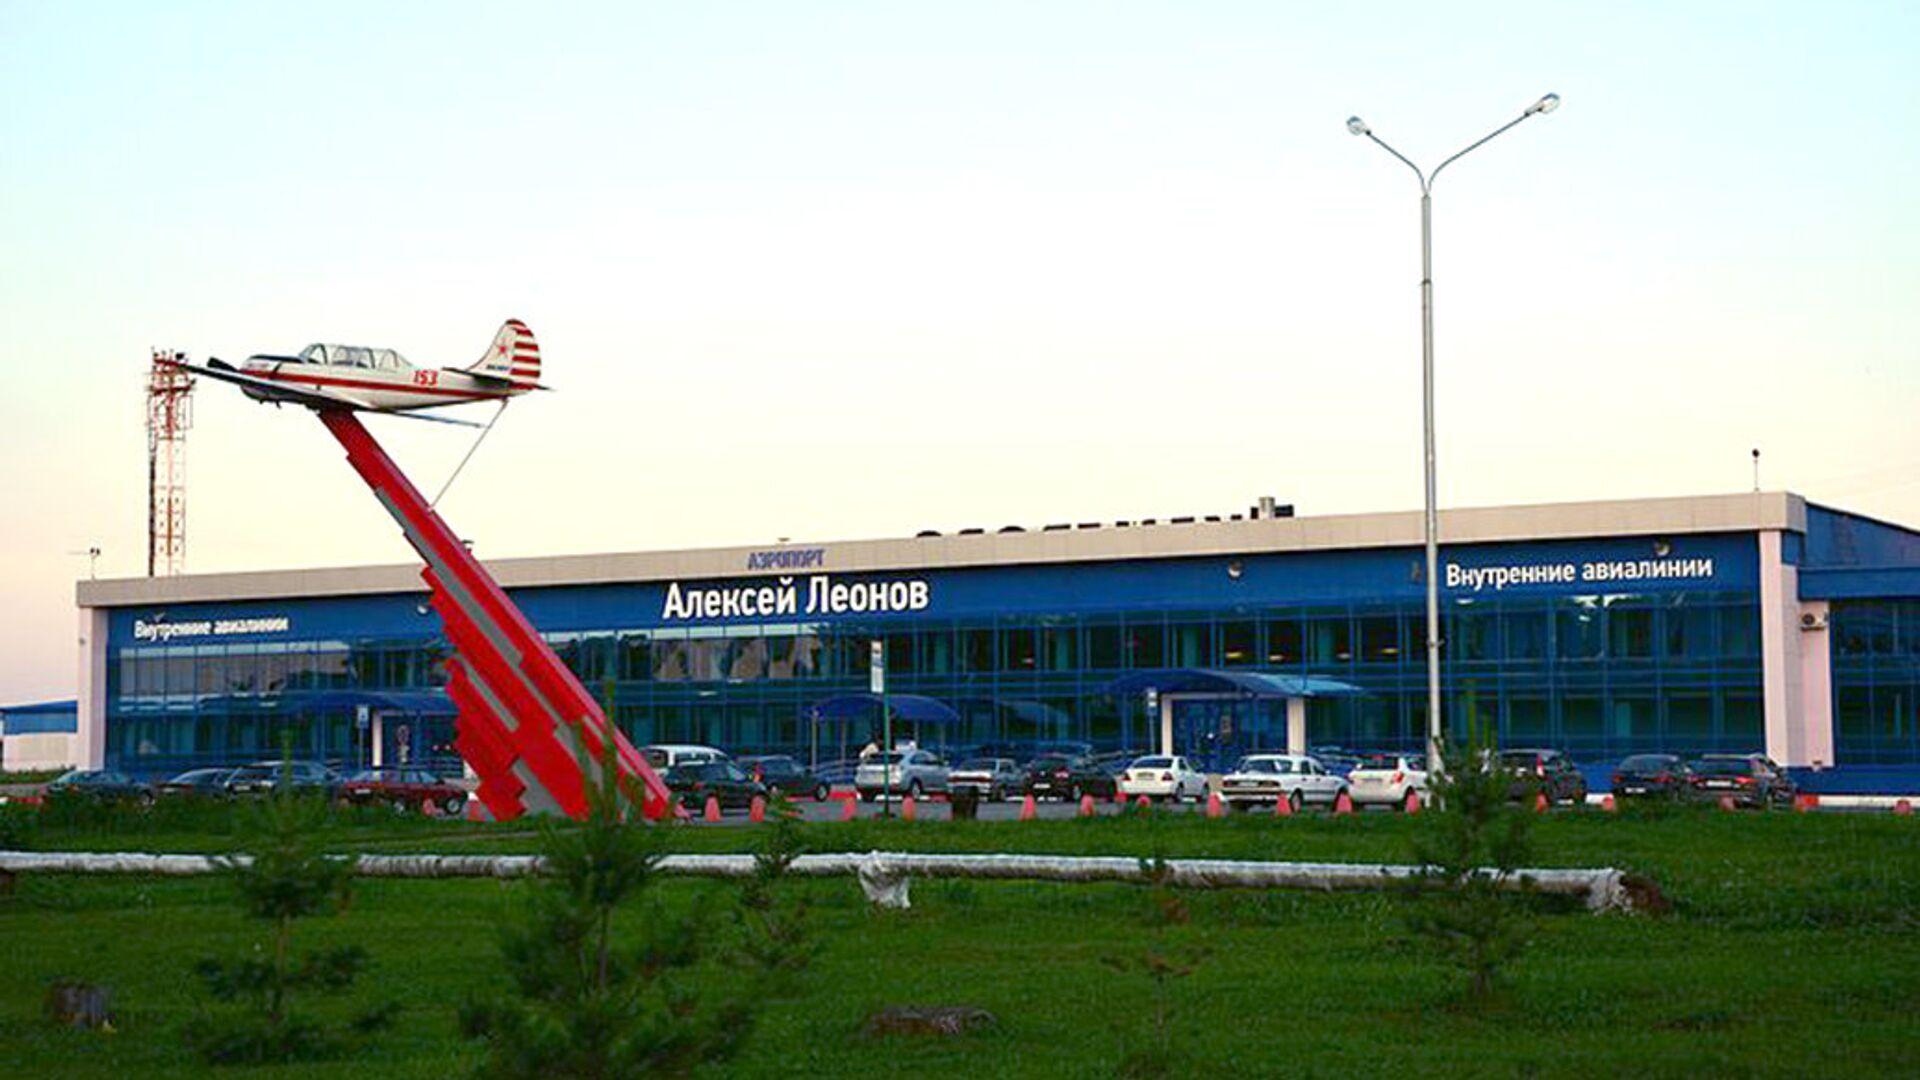 Международный аэропорт имени Алексея Леонова в Кемерово - РИА Новости, 1920, 26.05.2021